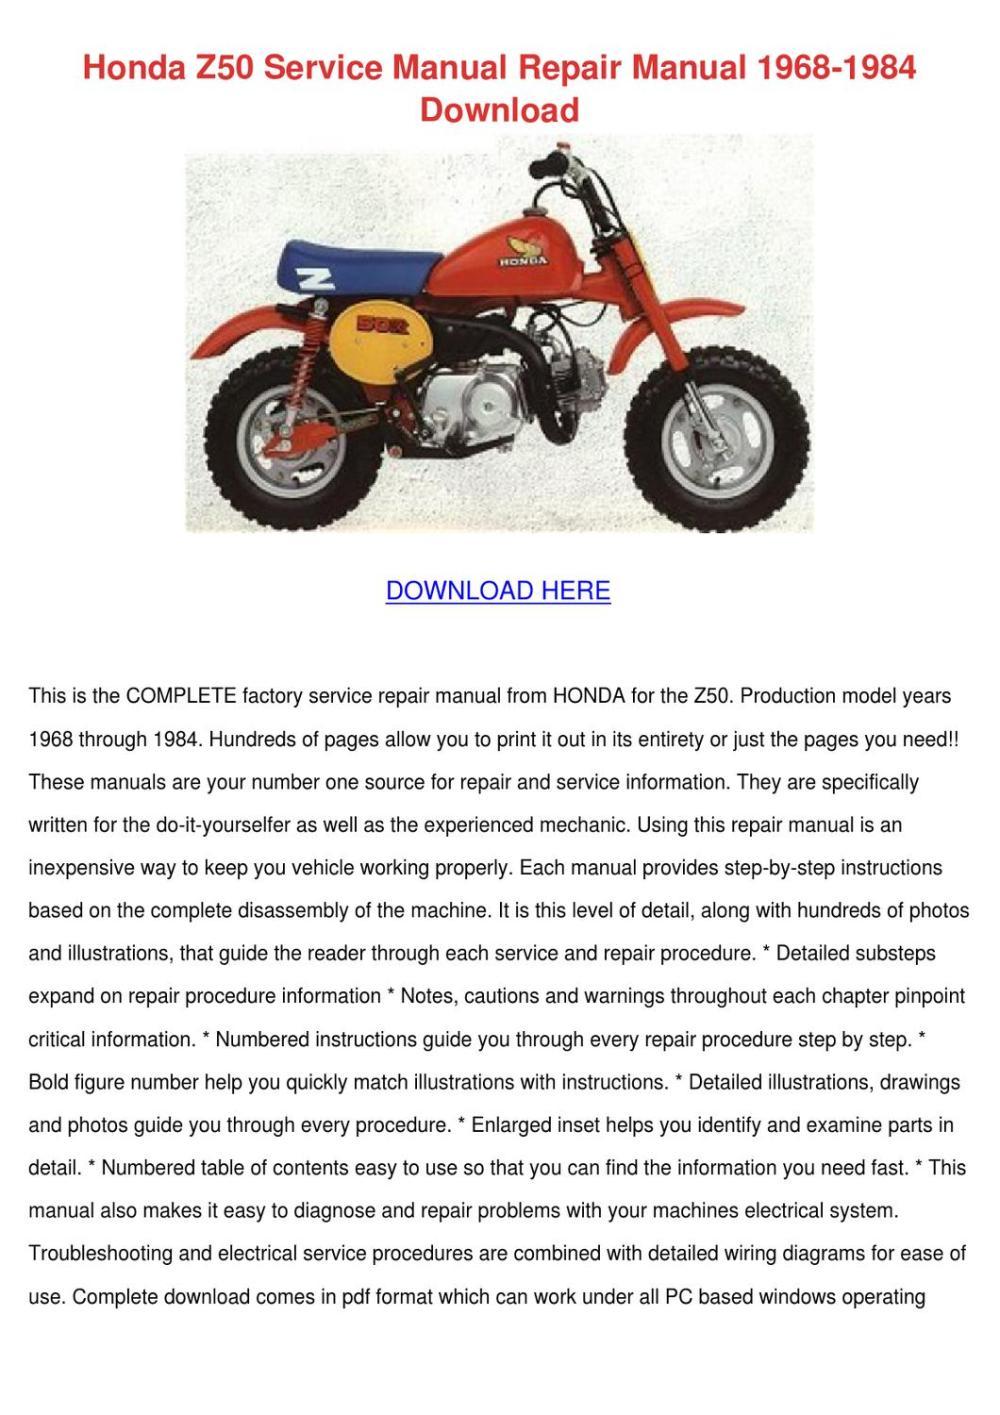 medium resolution of honda rebel 250 engine repair guide